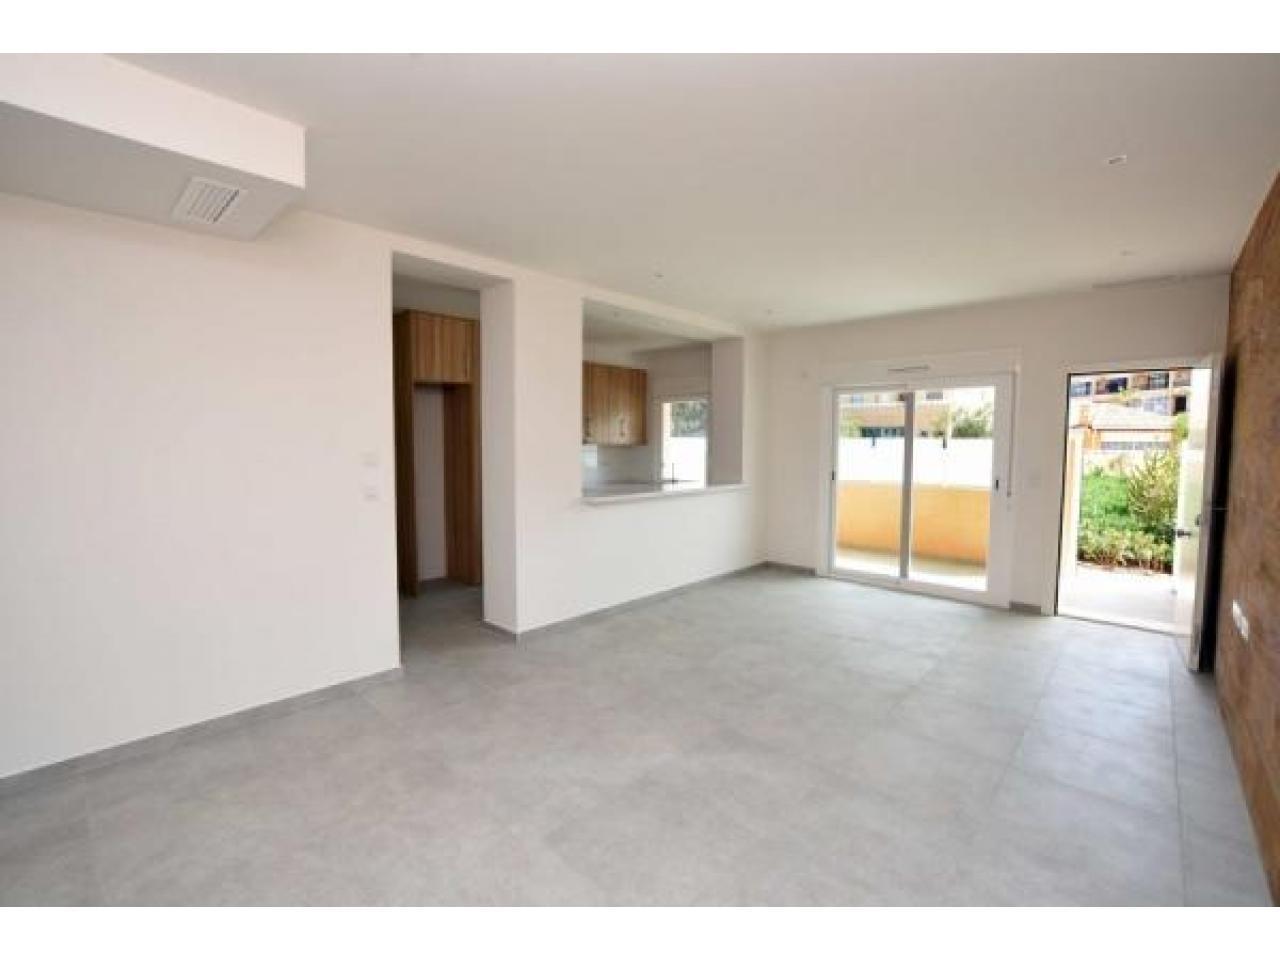 Недвижимость в Испании, Новые квартиры рядом с пляжем от застройщика в Ла Мата,Торревьеха - 4